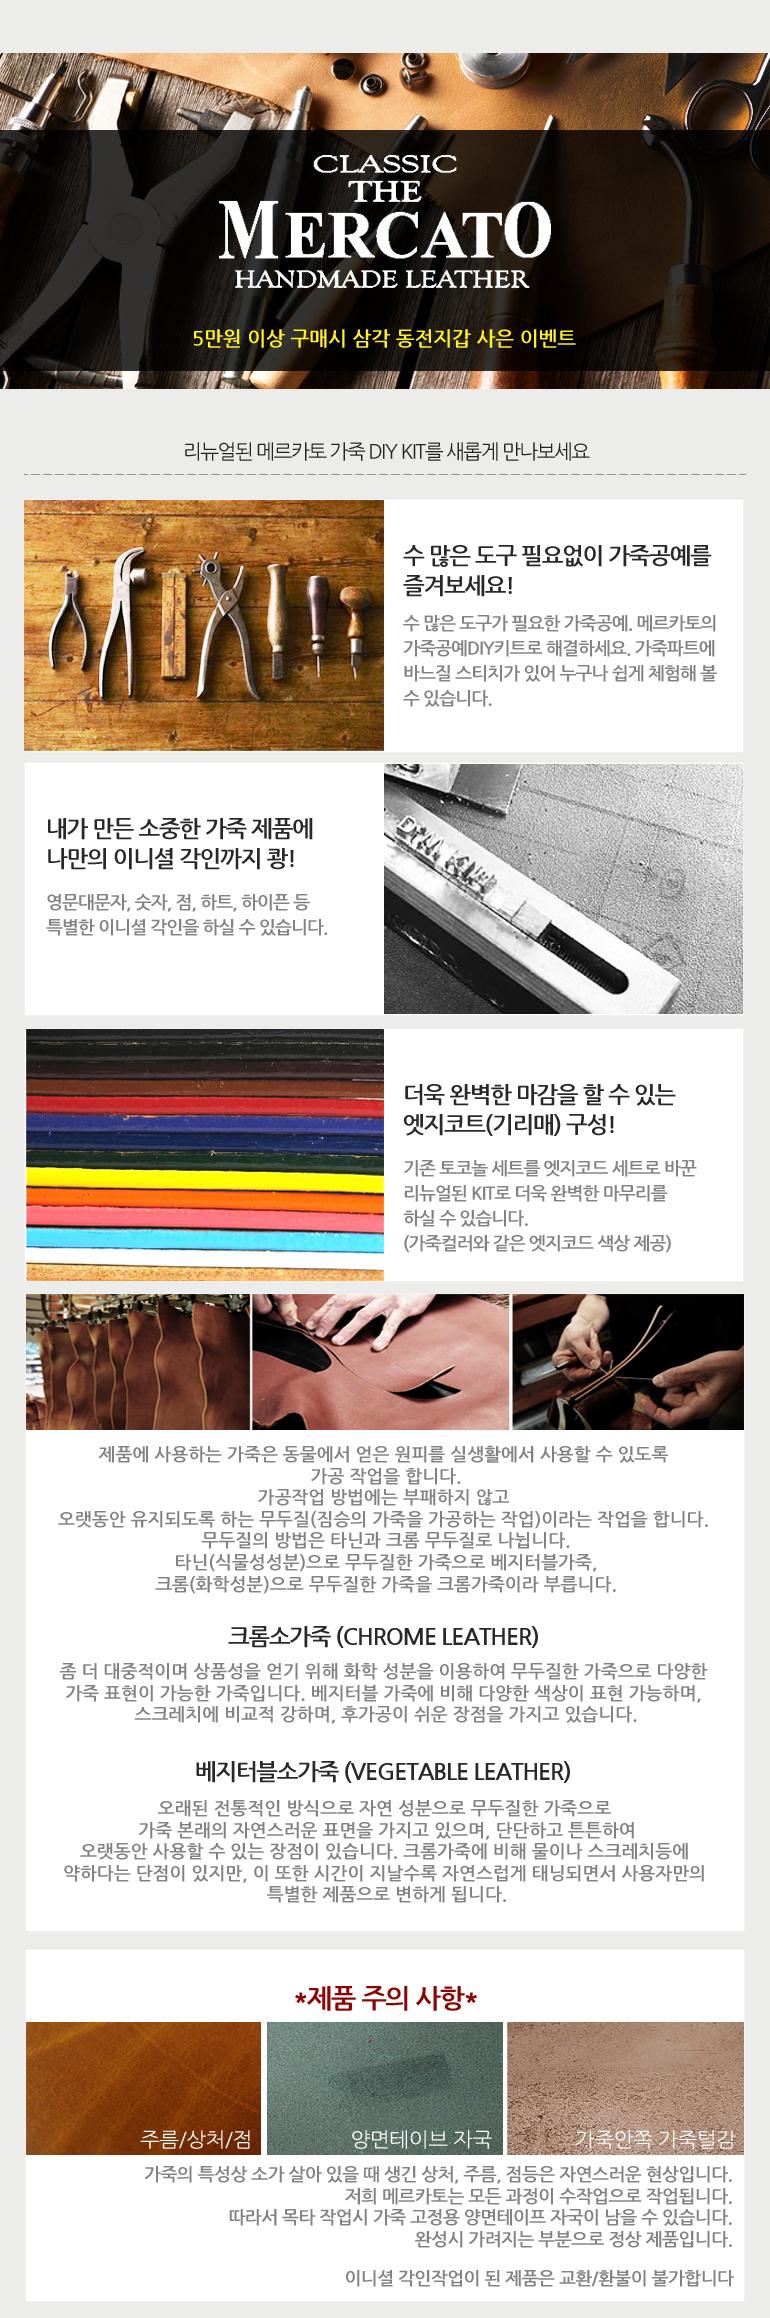 메르카토 - 파우치형지갑만들기 가죽공예DIY - 메르카토, 22,900원, 가죽공예, 가죽공예 패키지